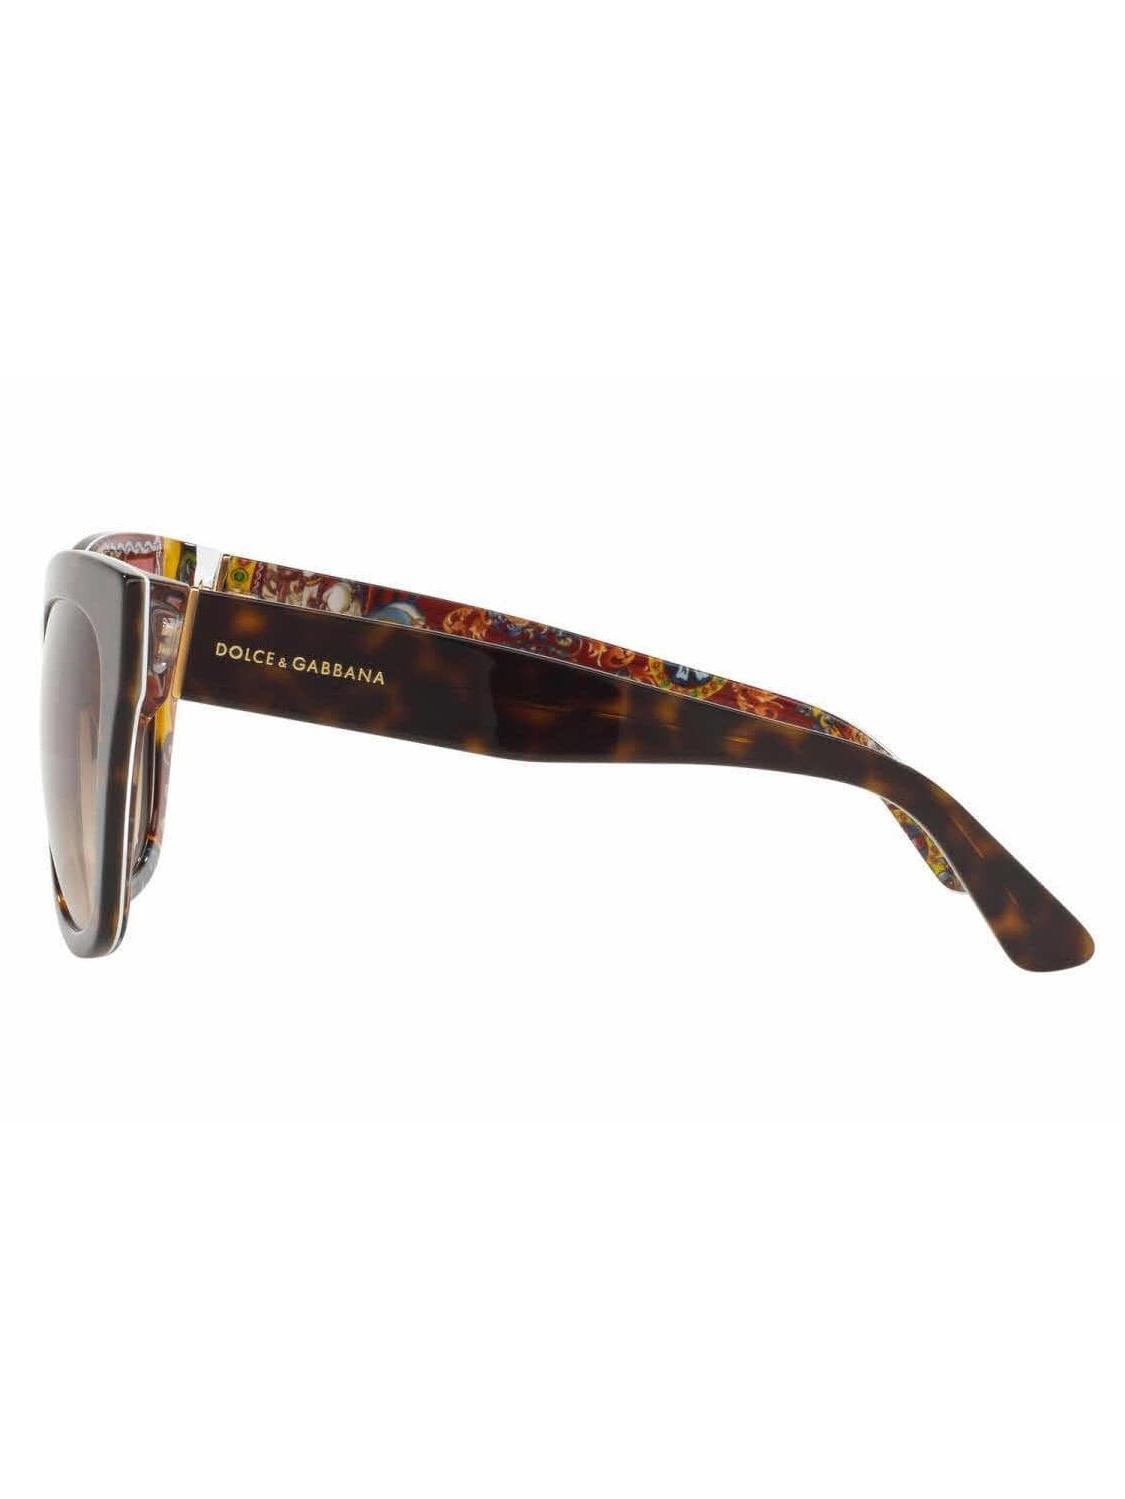 875a4a8145 Dolce   Gabbana - DOLCE   GABBANA Sunglasses DG 4270 303713 Top Havana  Handcart  55MM - Walmart.com